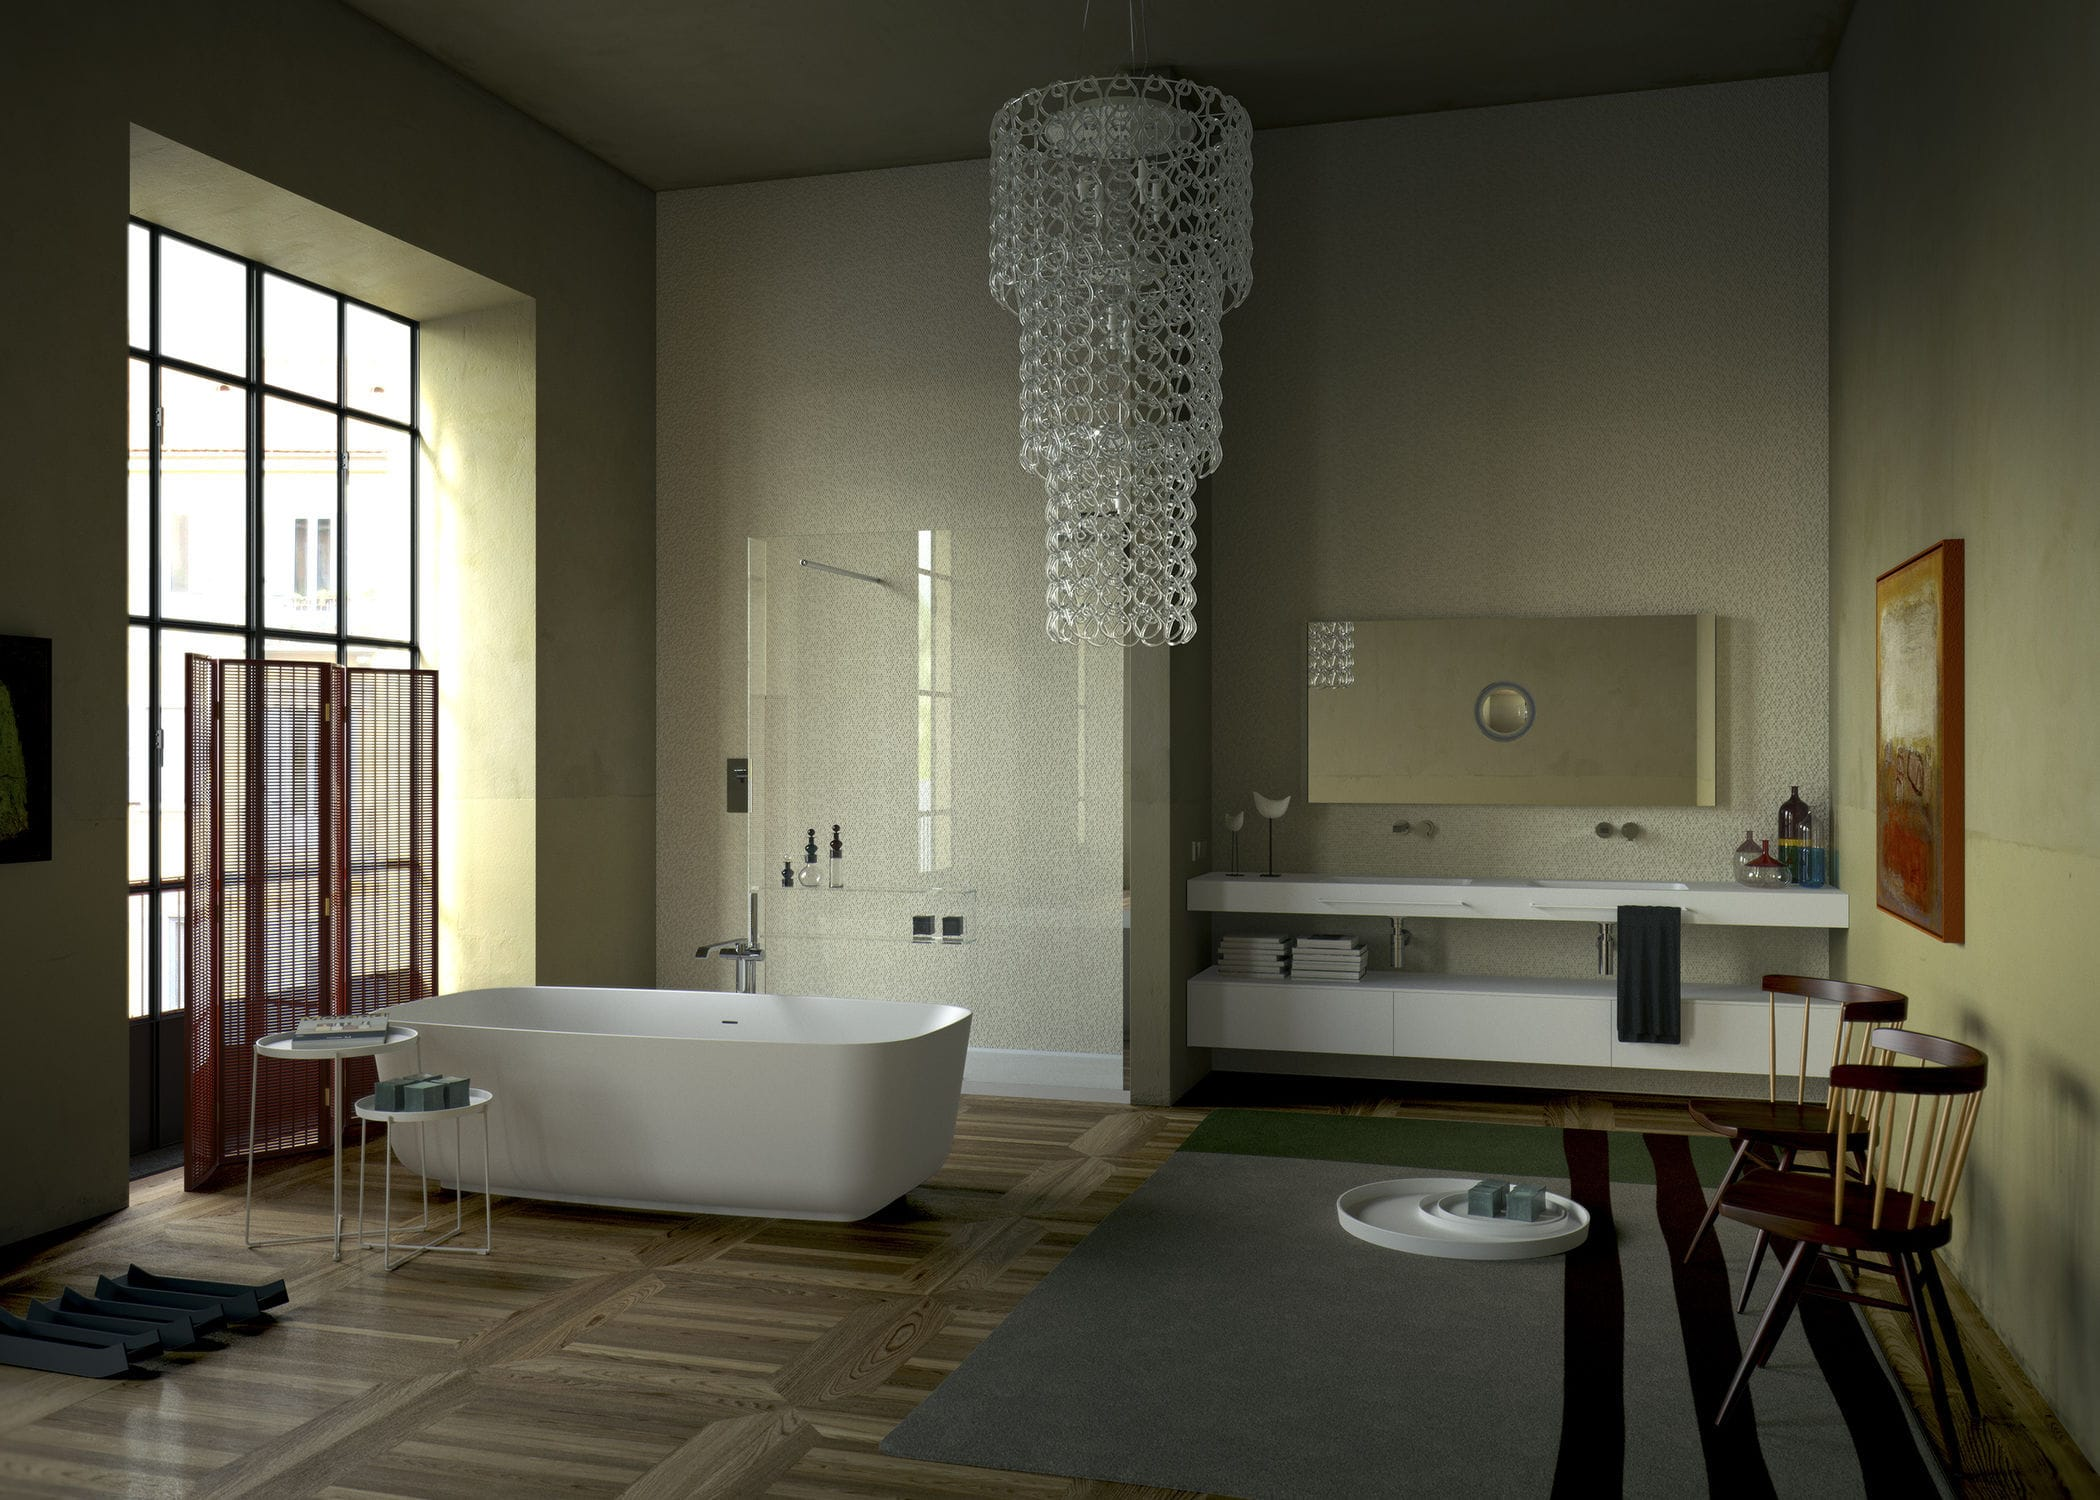 Neutra Waschbecken doppelter waschtisch unterschrank hängend holz modern